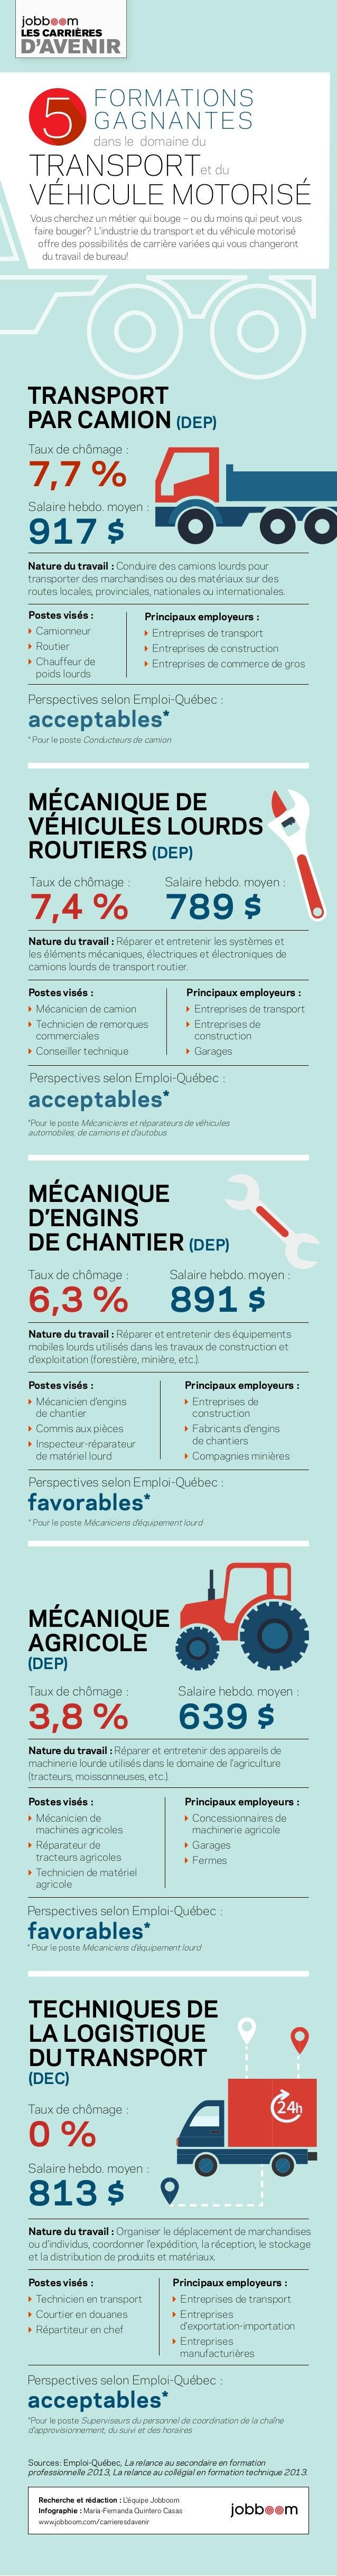 Sources: Emploi-Québec, La relance au secondaire en formation professionnelle 2013, La relance au collégial en formation t...